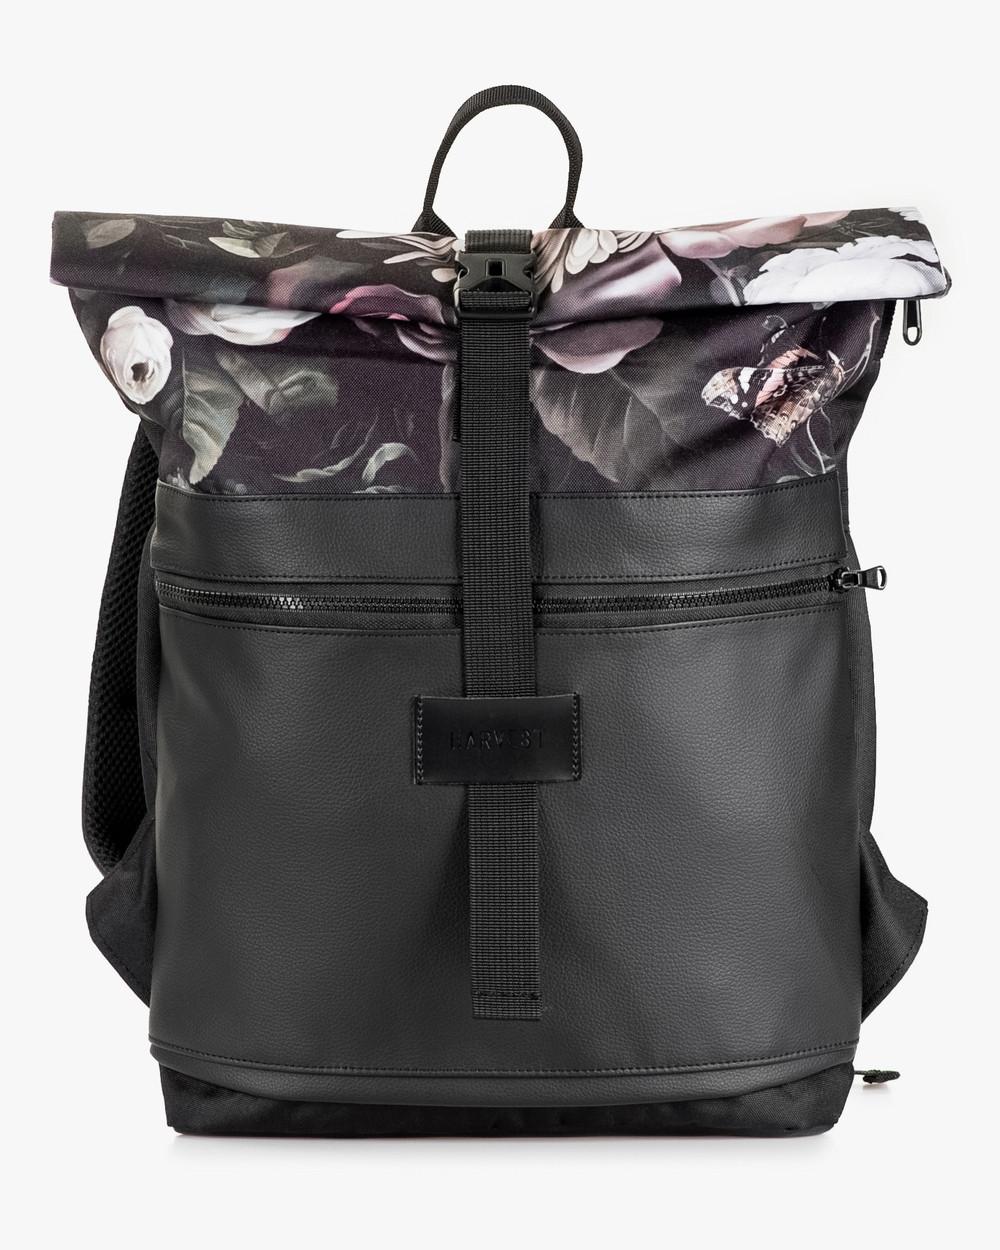 """Женский рюкзак """"ROLLTOP"""" на 21л, сумка для ноутбука, черный, ПРИНТ, ФЛОРАЛ, повседневный, спортивный"""